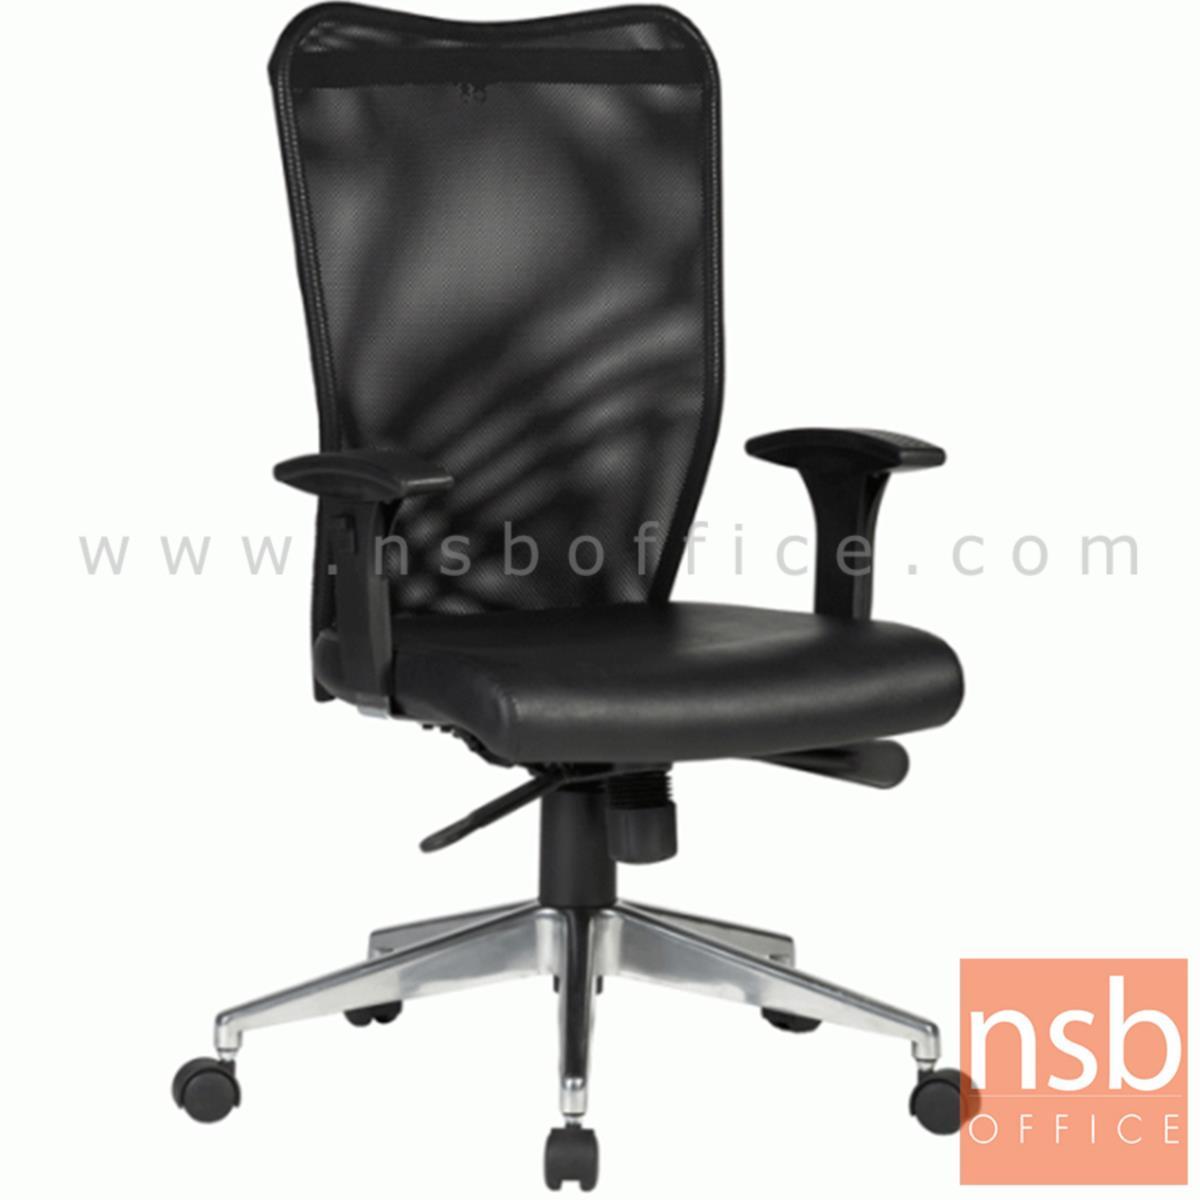 B24A152 :เก้าอี้สำนักงานหลังเน็ต รุ่น Avarius (อวาเรียส)  โช๊คแก๊ส มีก้อนโยก ขาอลูมิเนียม